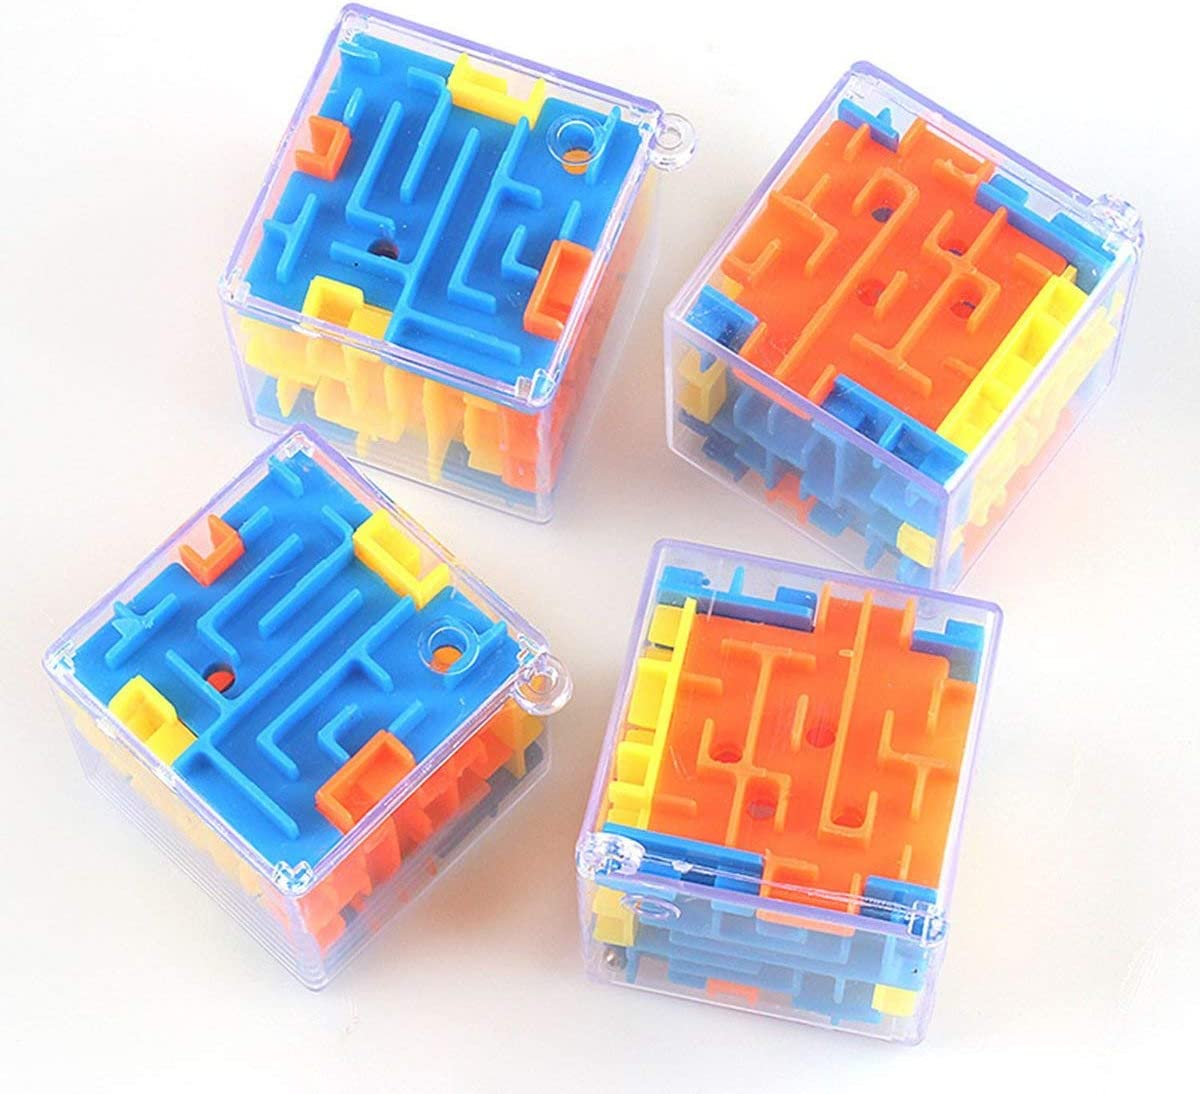 Greatangle Piccolo Labirinto Tridimensionale Labirinto Magico Universale 3D Giocattolo di intelligenza per Bambini Giocattoli educativi Regali per Bambini Portatili cromatici